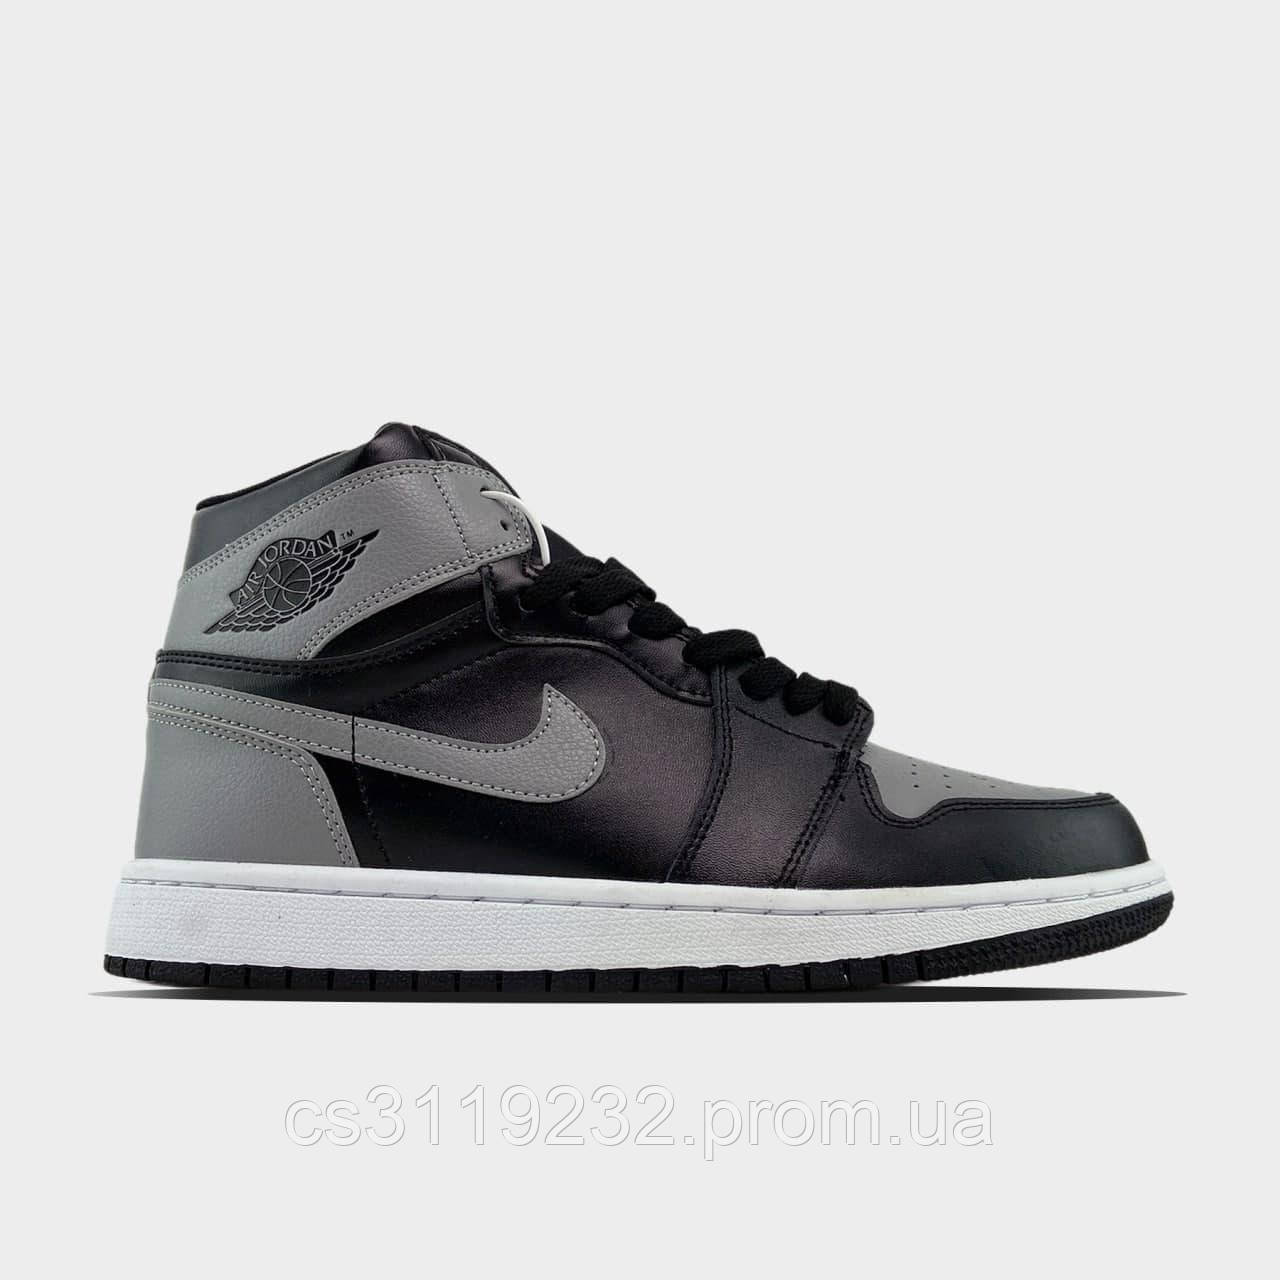 Чоловічі кросівки Nike Air JORDAN 1 RETRO HIGH DIOR (біло-сірі)